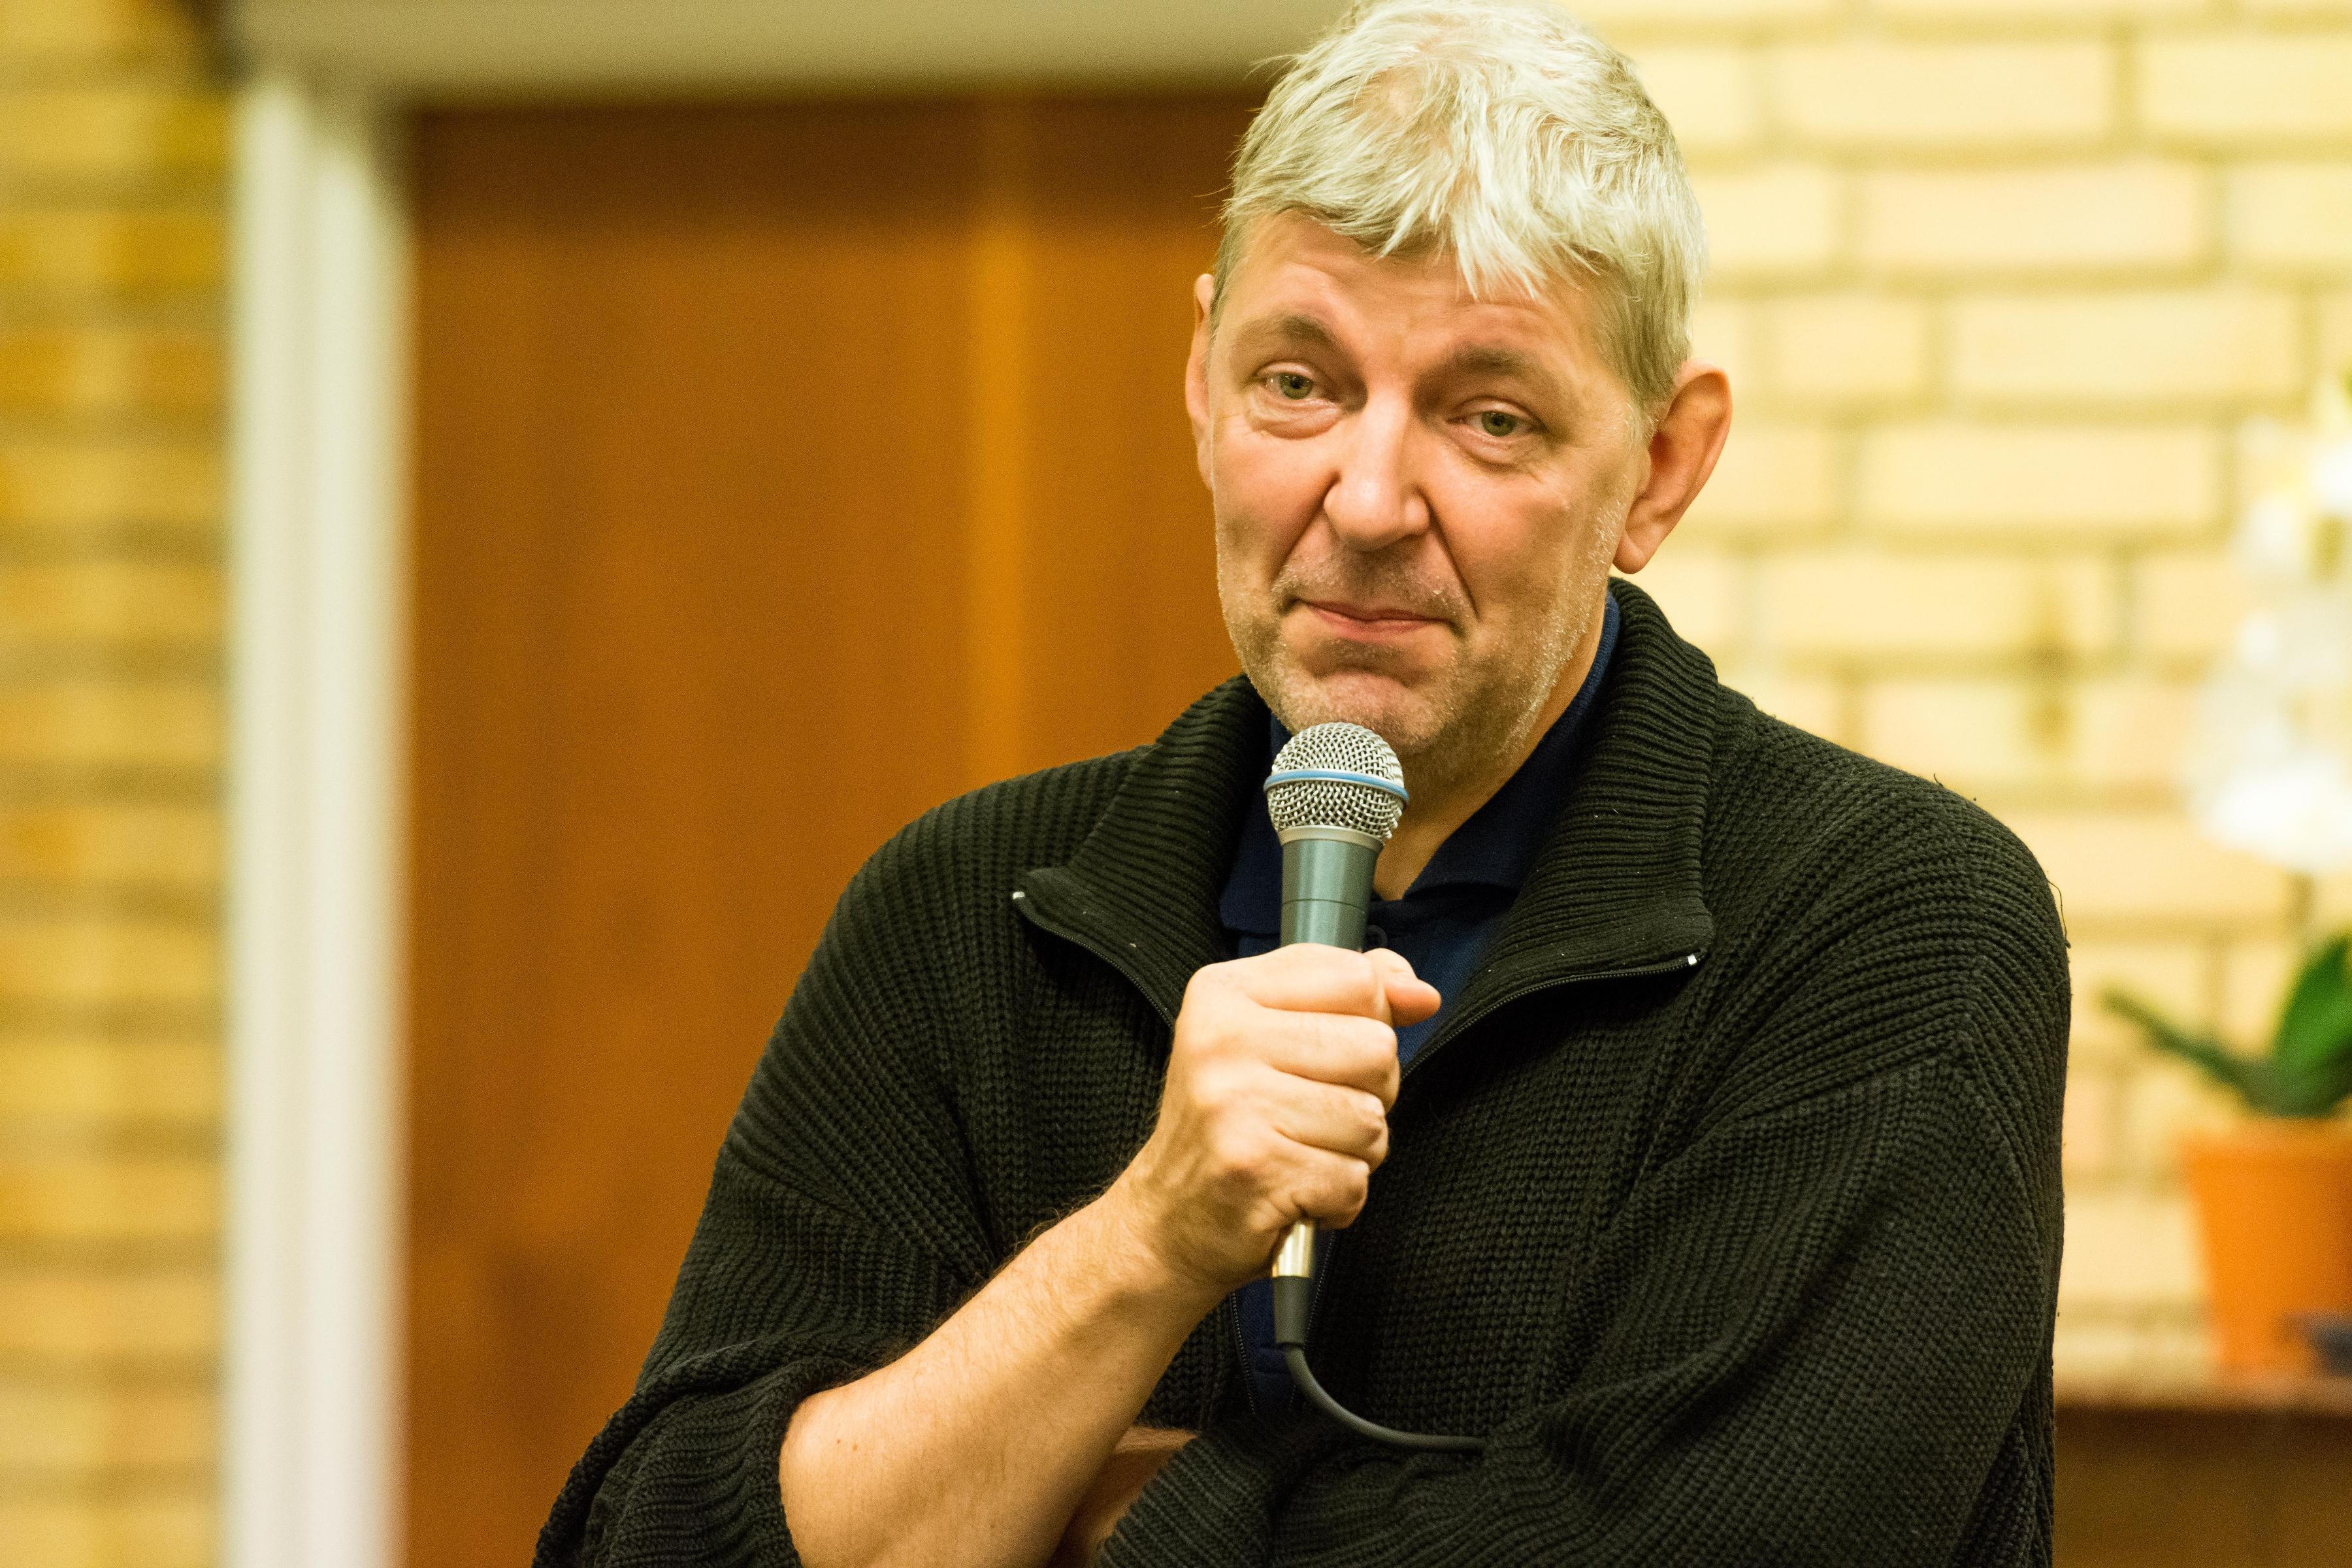 Foto: Marius Weber Jørgensen